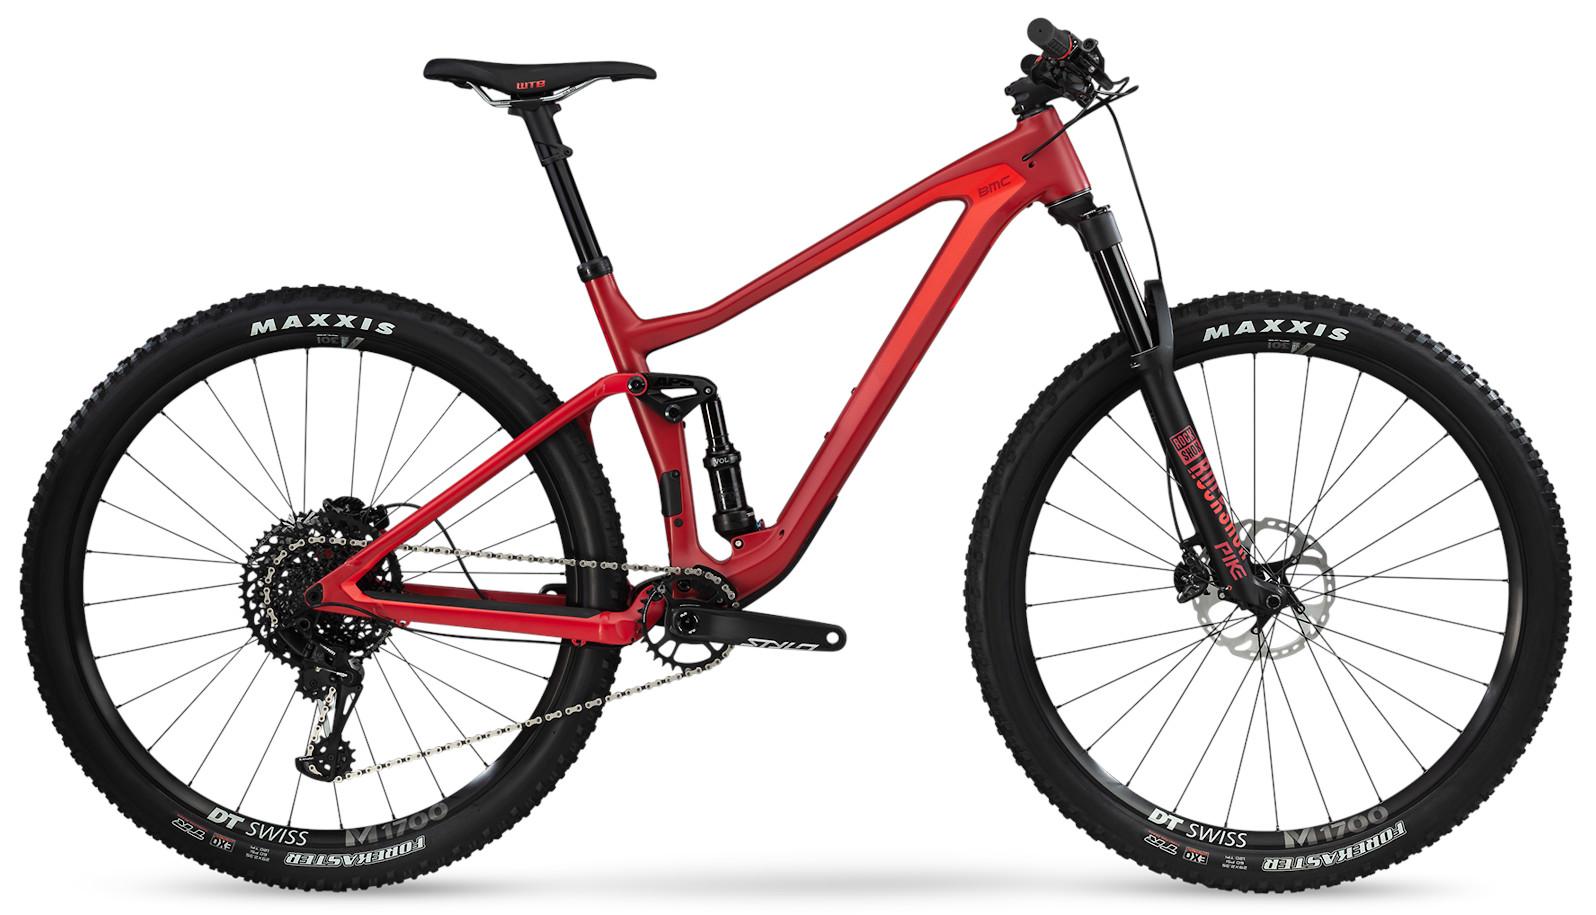 2020 BMC Speedfox 02 One